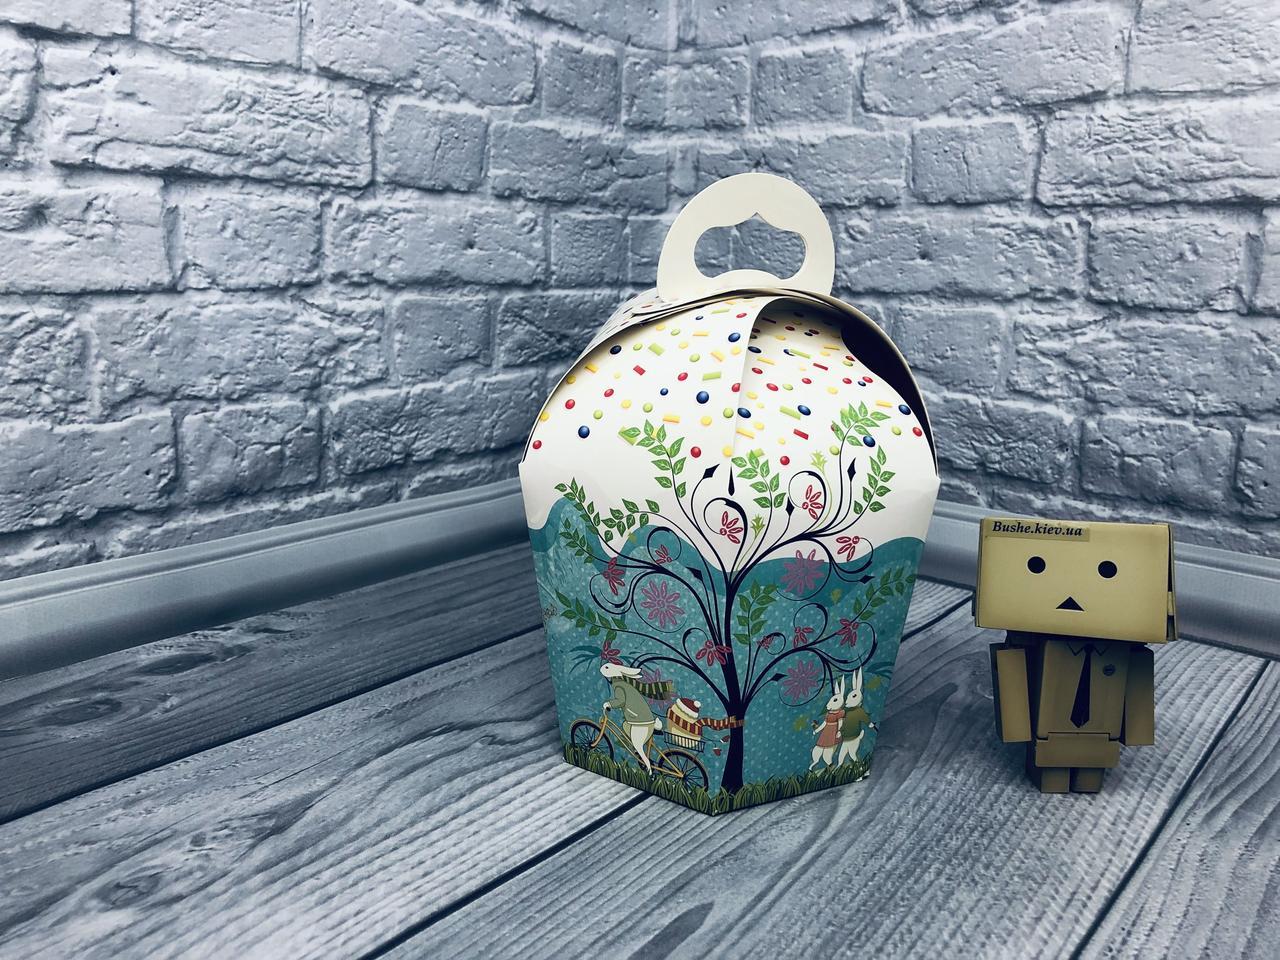 *10 шт* / Ø110х160 мм / печать-Дерев / Коробка для кулича / Упаковка для пасхи / Мален / Пасха